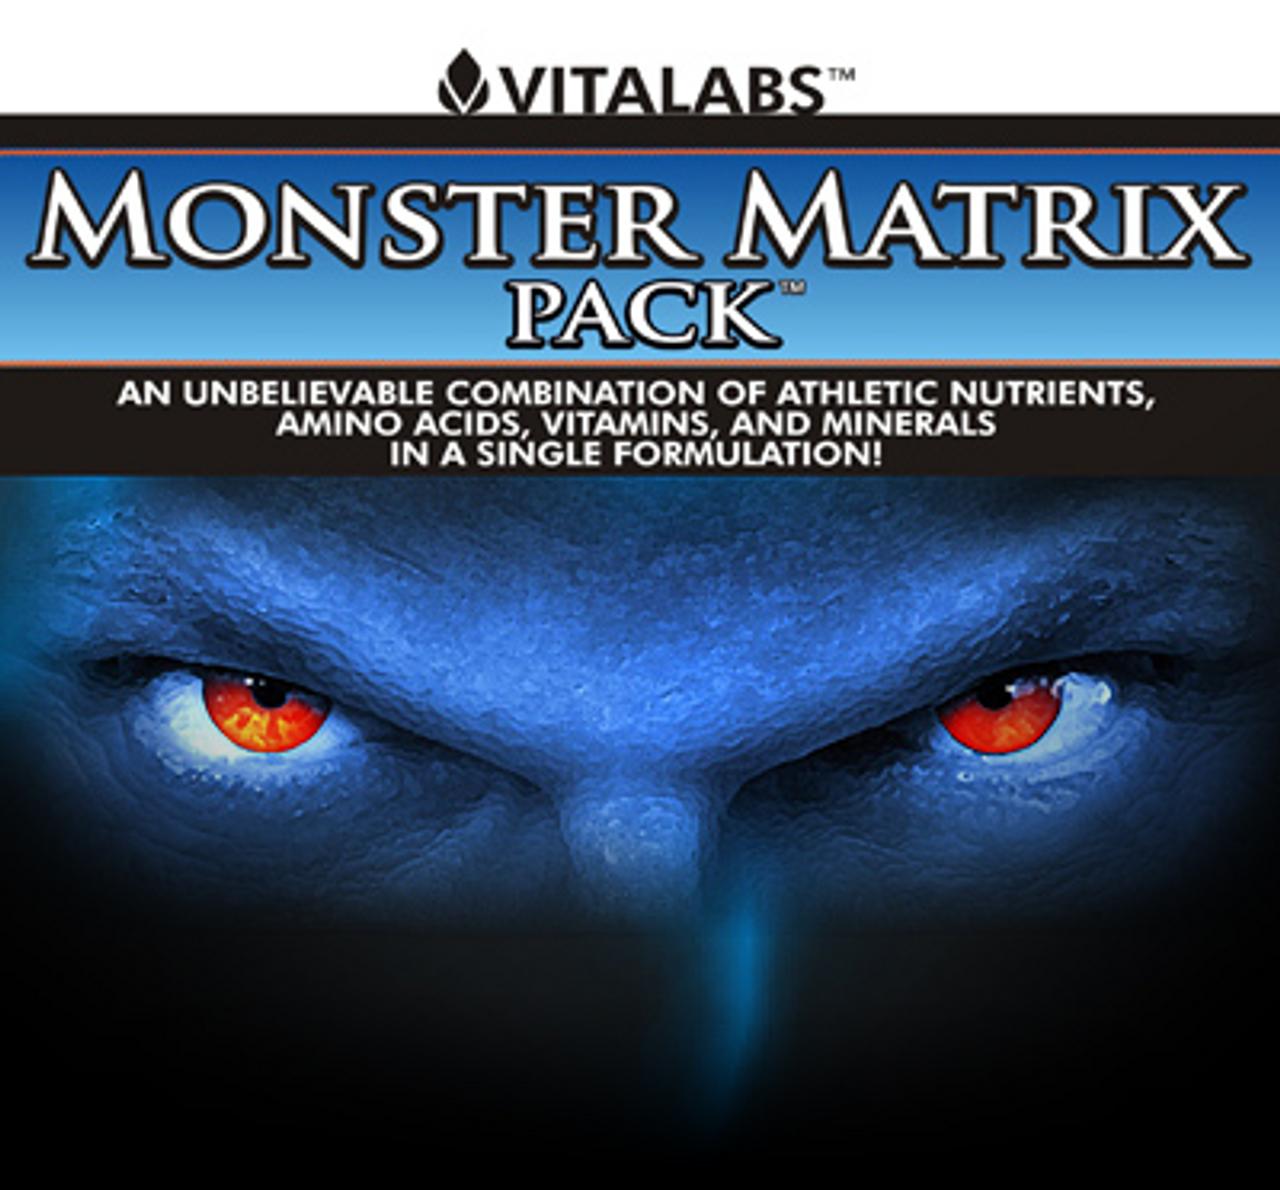 Monster Matrix Pack 30pk Vitalabs